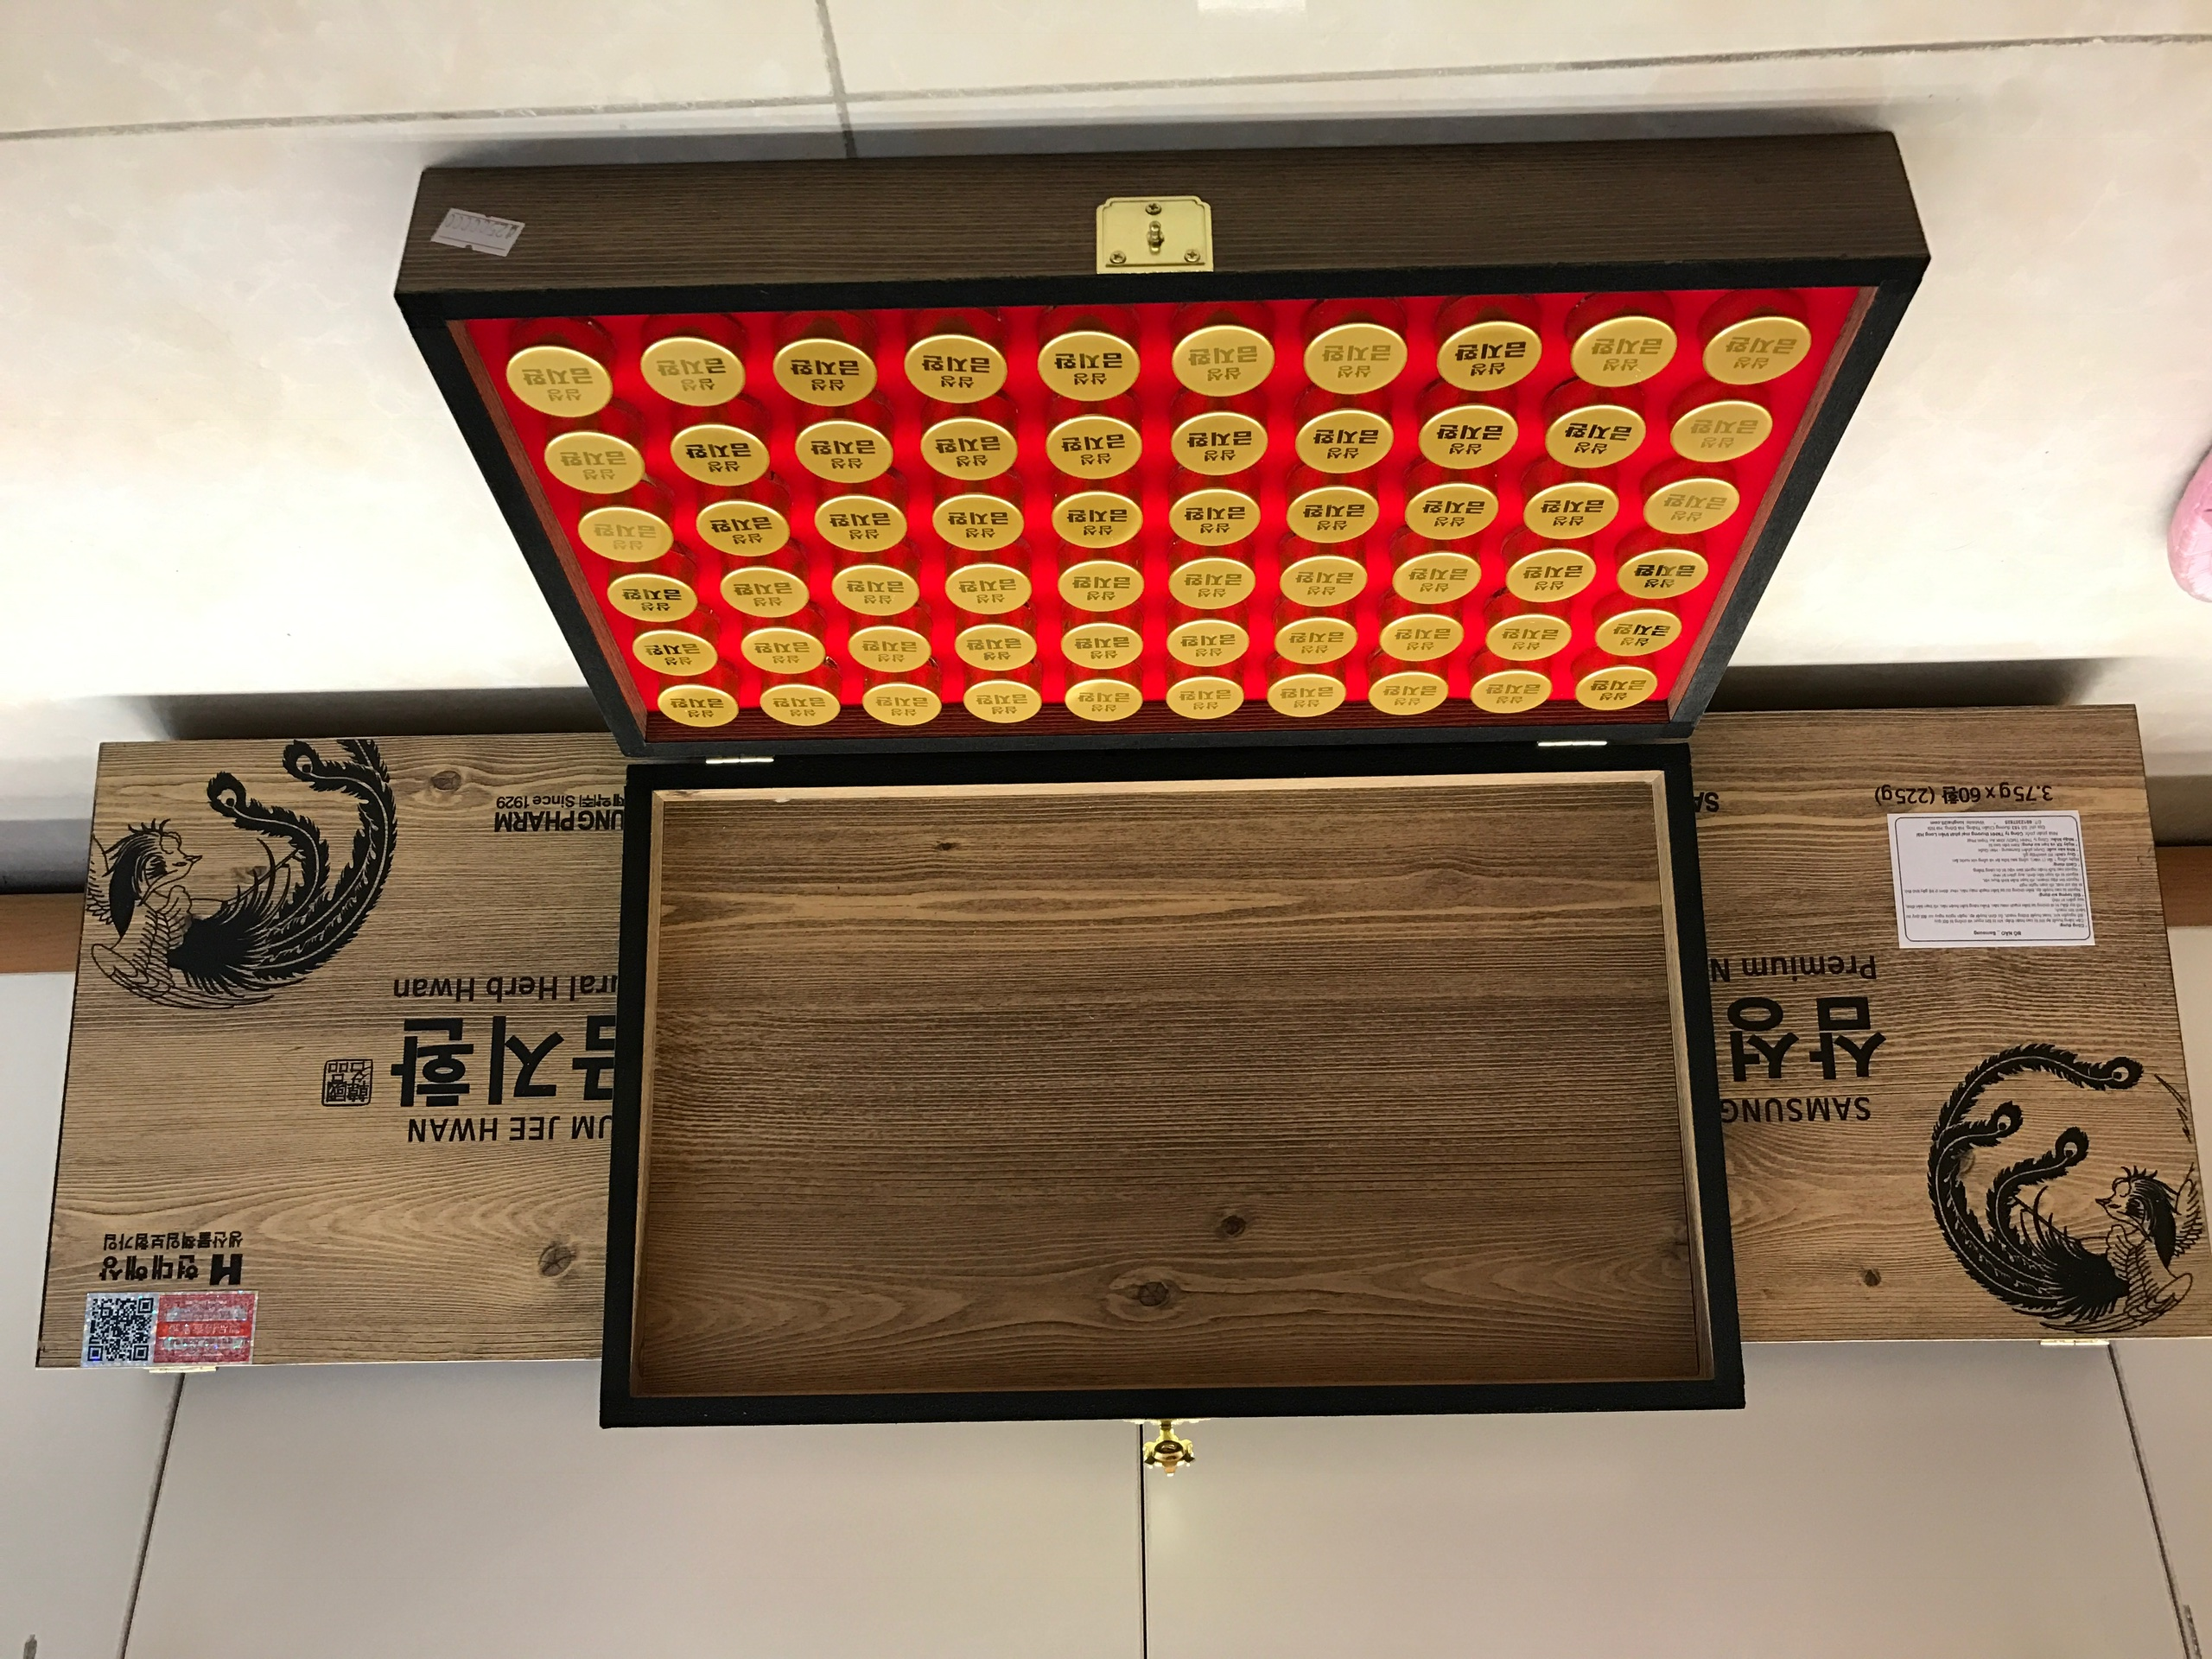 AN CUNG NGƯU HOÀNG HÀN QUỐC HỘP GỖ 60 VIÊN SAMSUNG GUM JEE HWAN